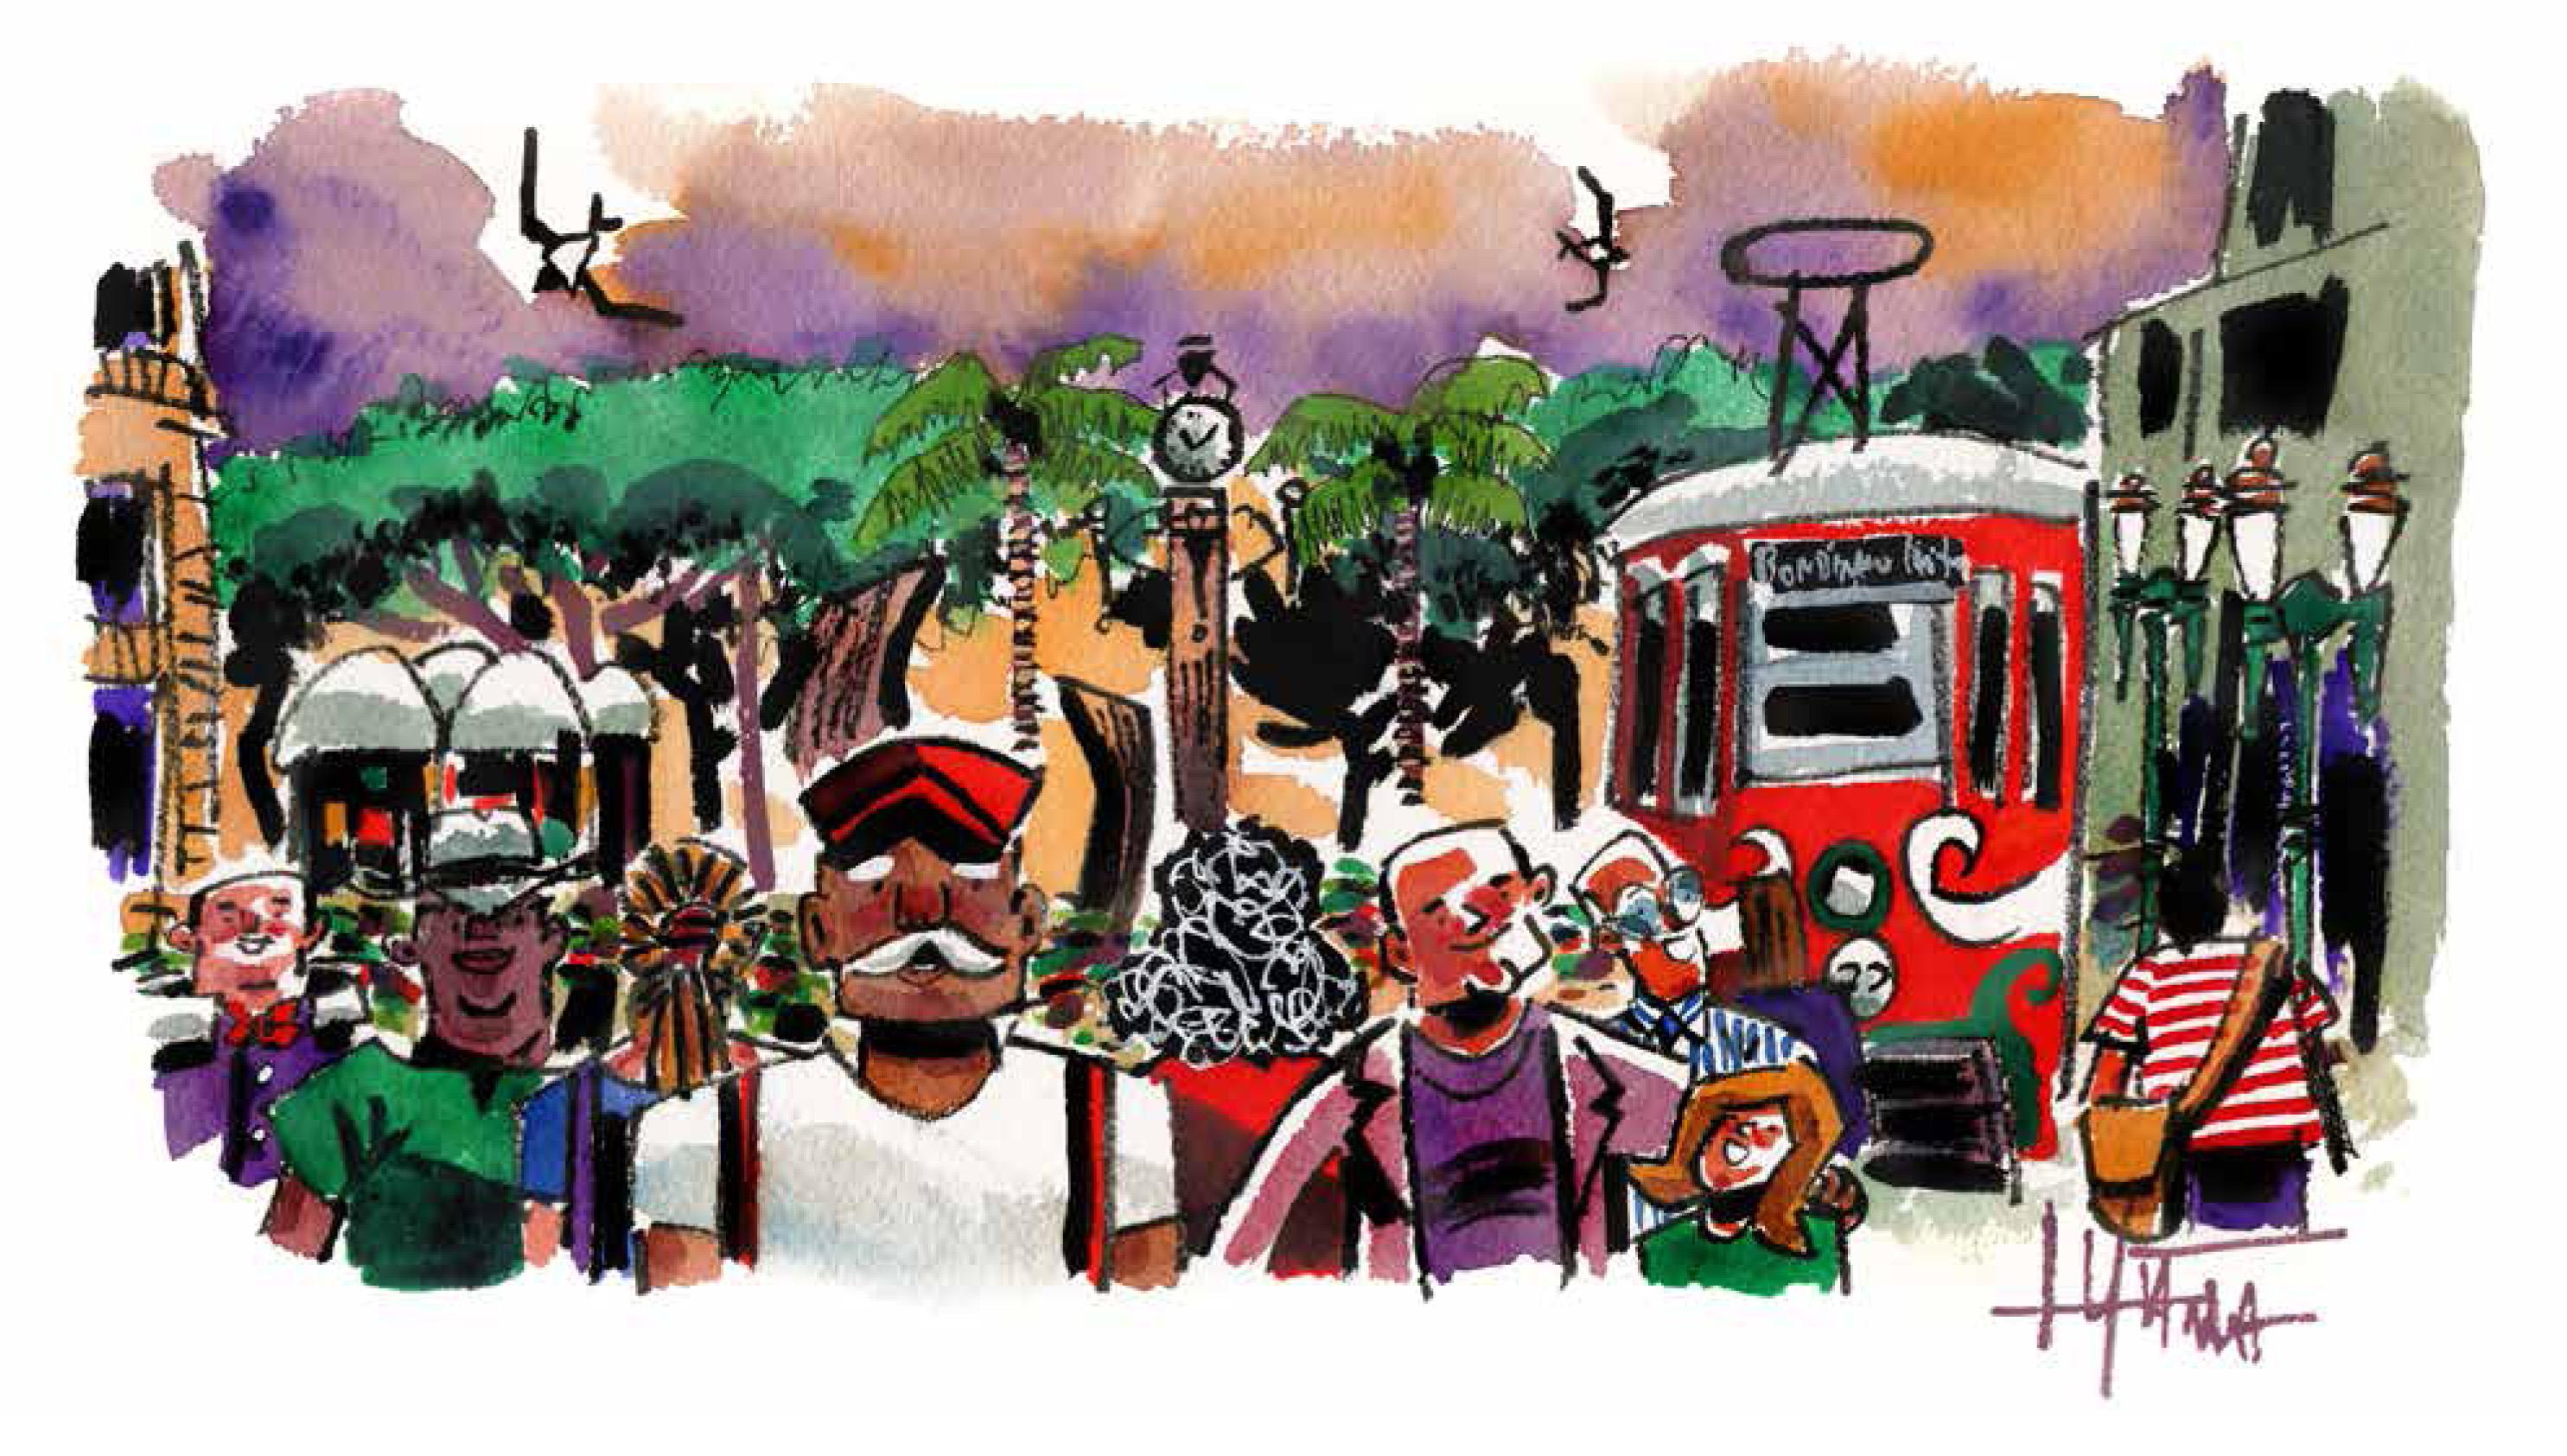 Urban Sketchers abrem exposição no Quintana neste sábado, 23 de setembro